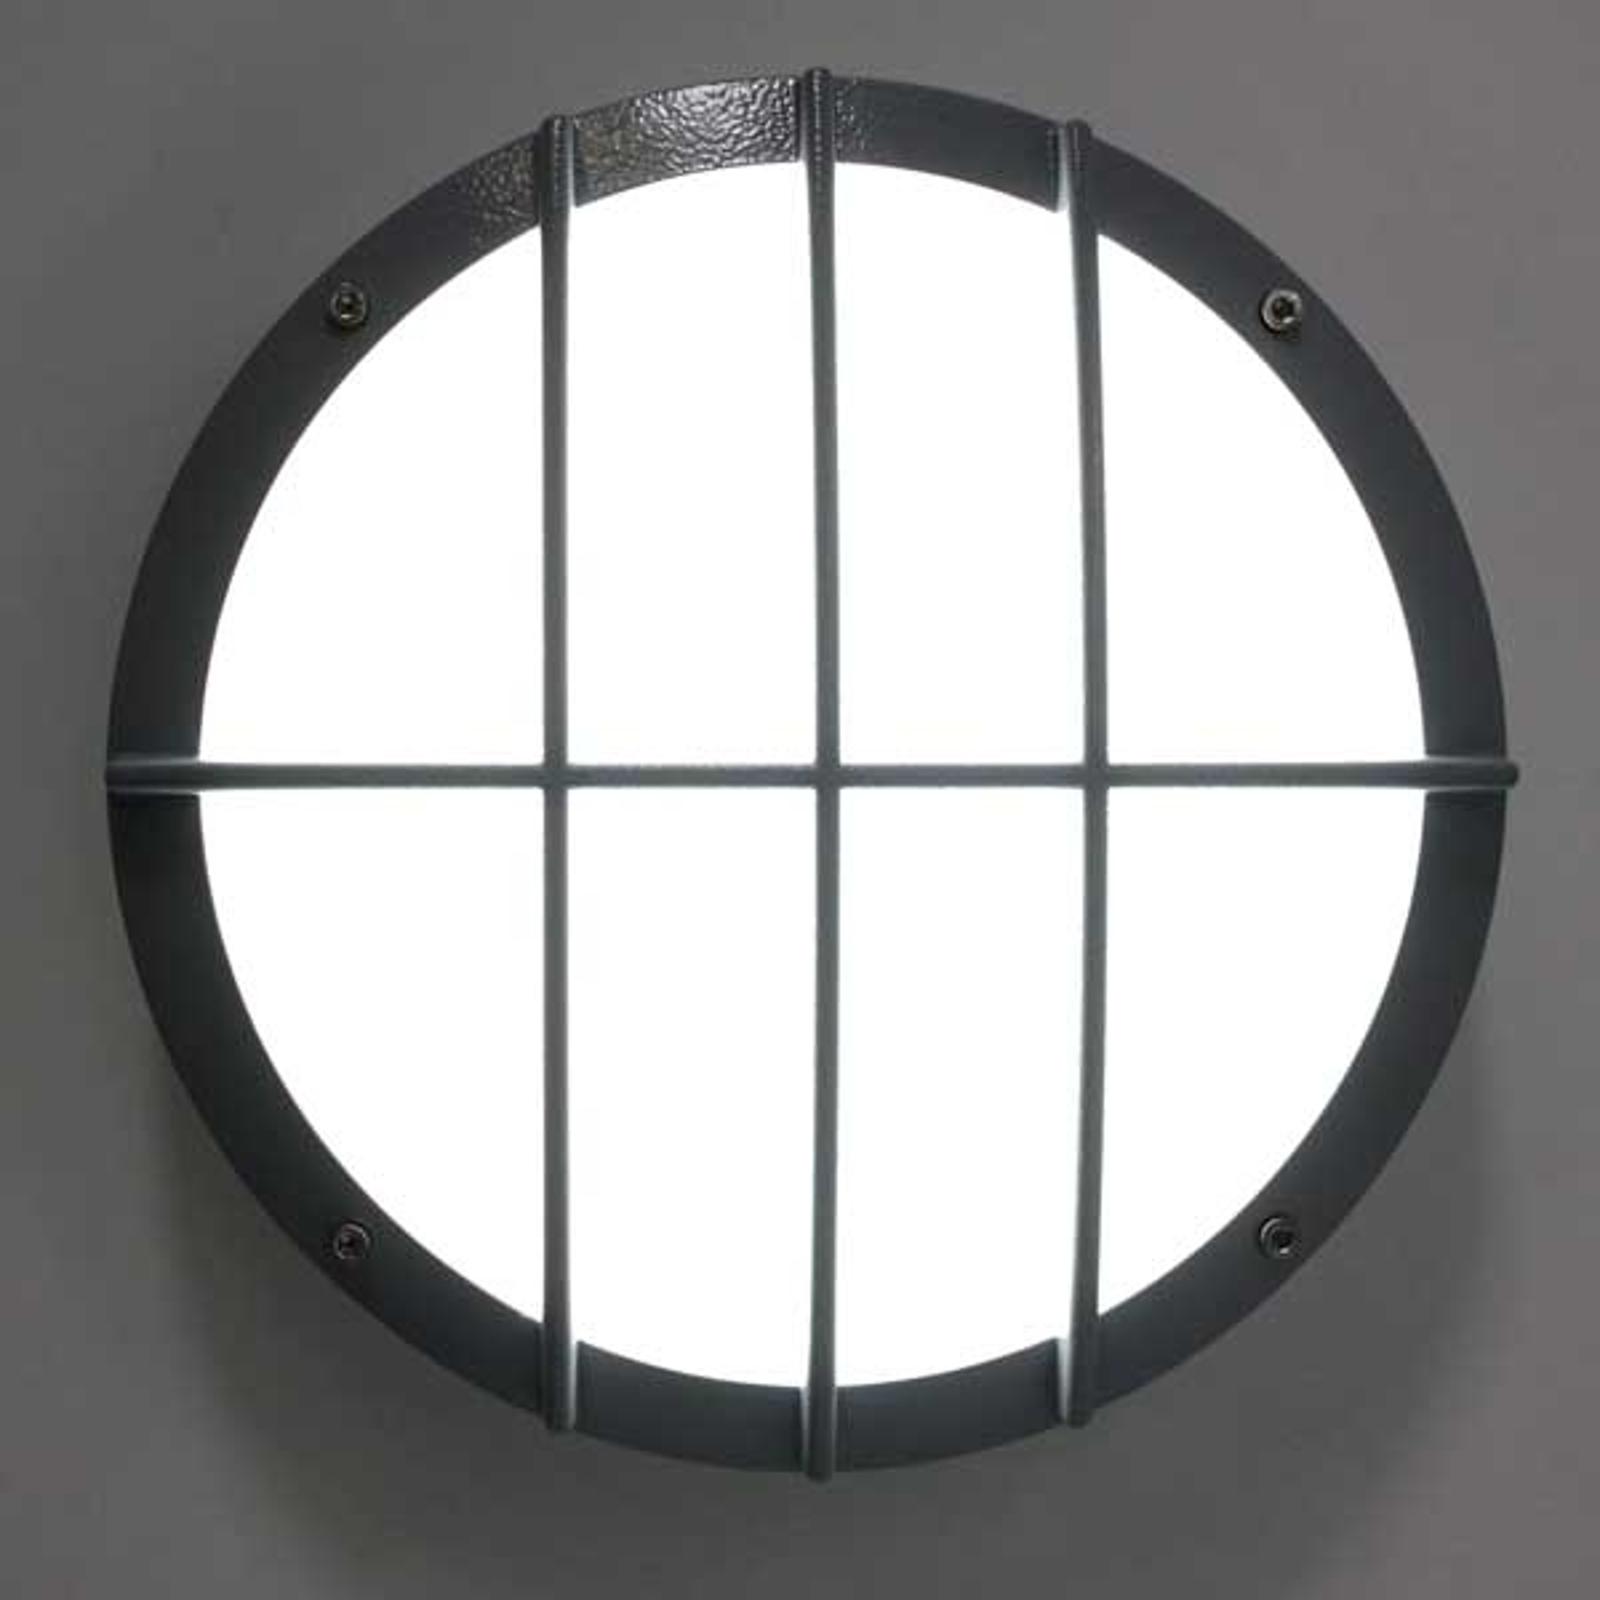 Applique in alluminio pressofuso SUN 8 LED, 8W 3K